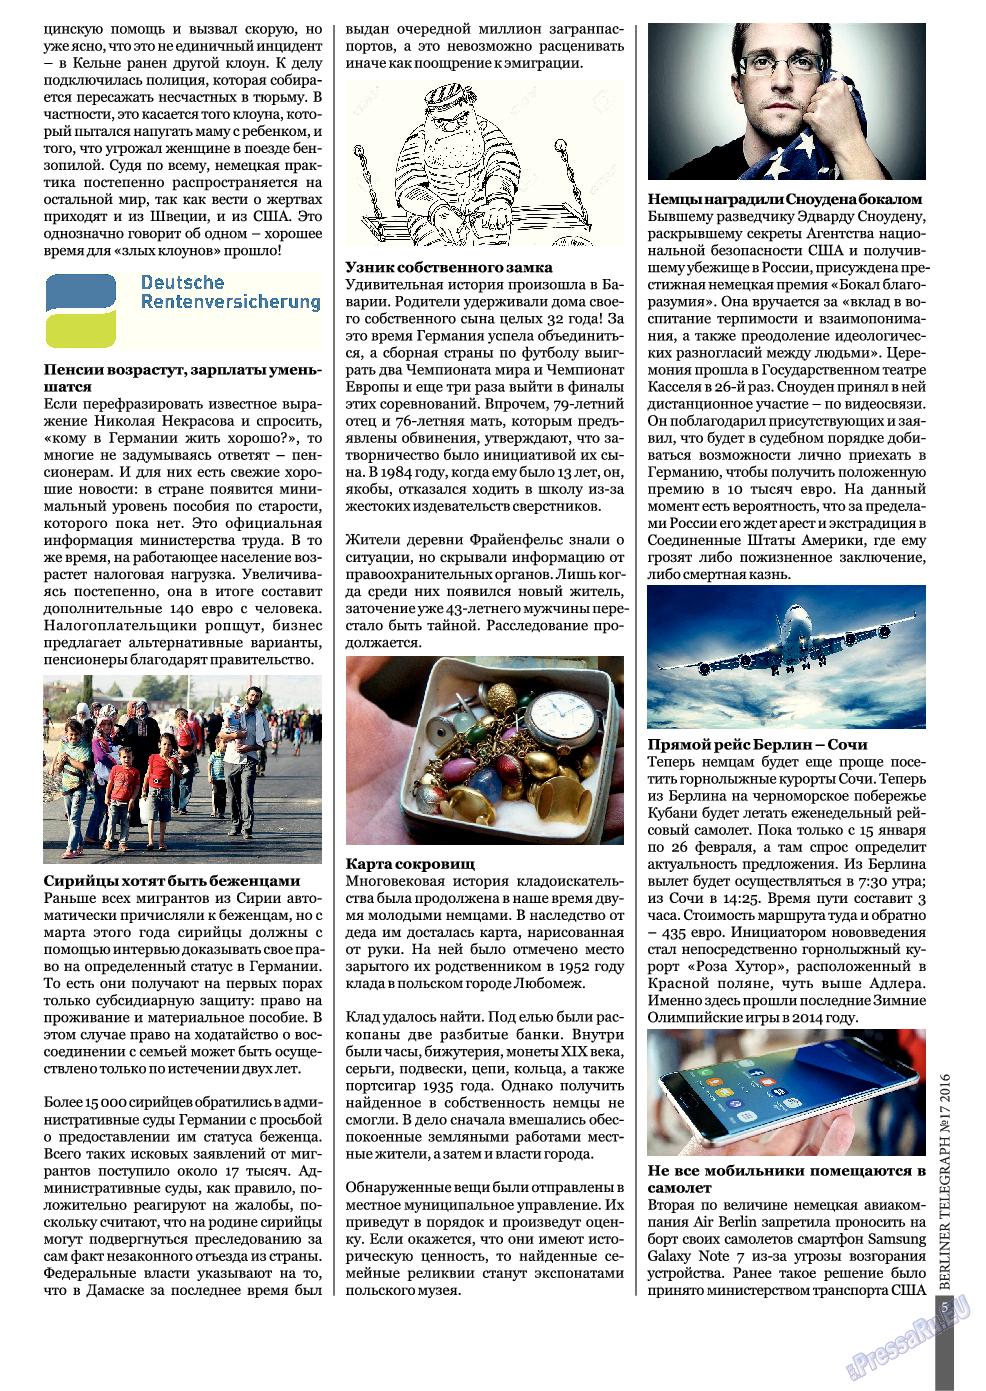 Берлинский телеграф (журнал). 2016 год, номер 17, стр. 5